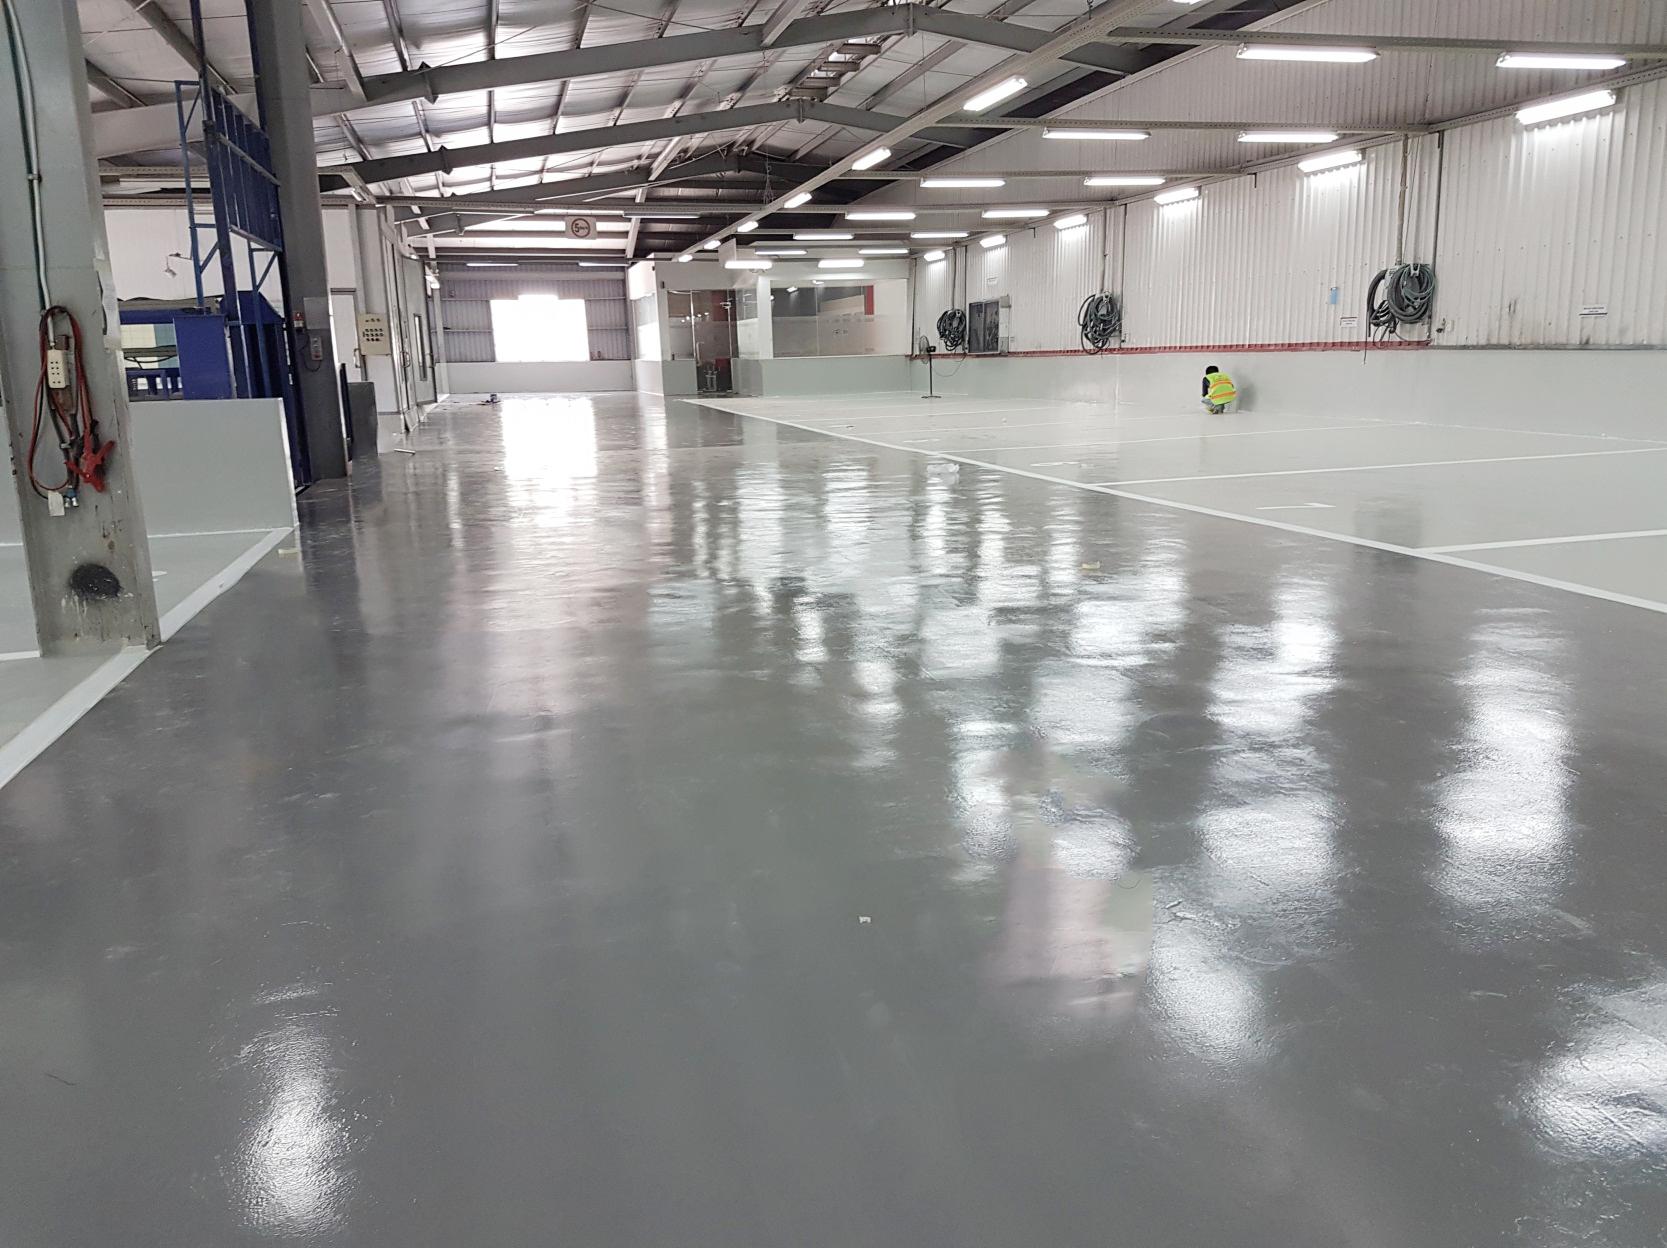 Nguyên lý thi công sơn epoxy chống tĩnh điện với các tính năng vượt trội